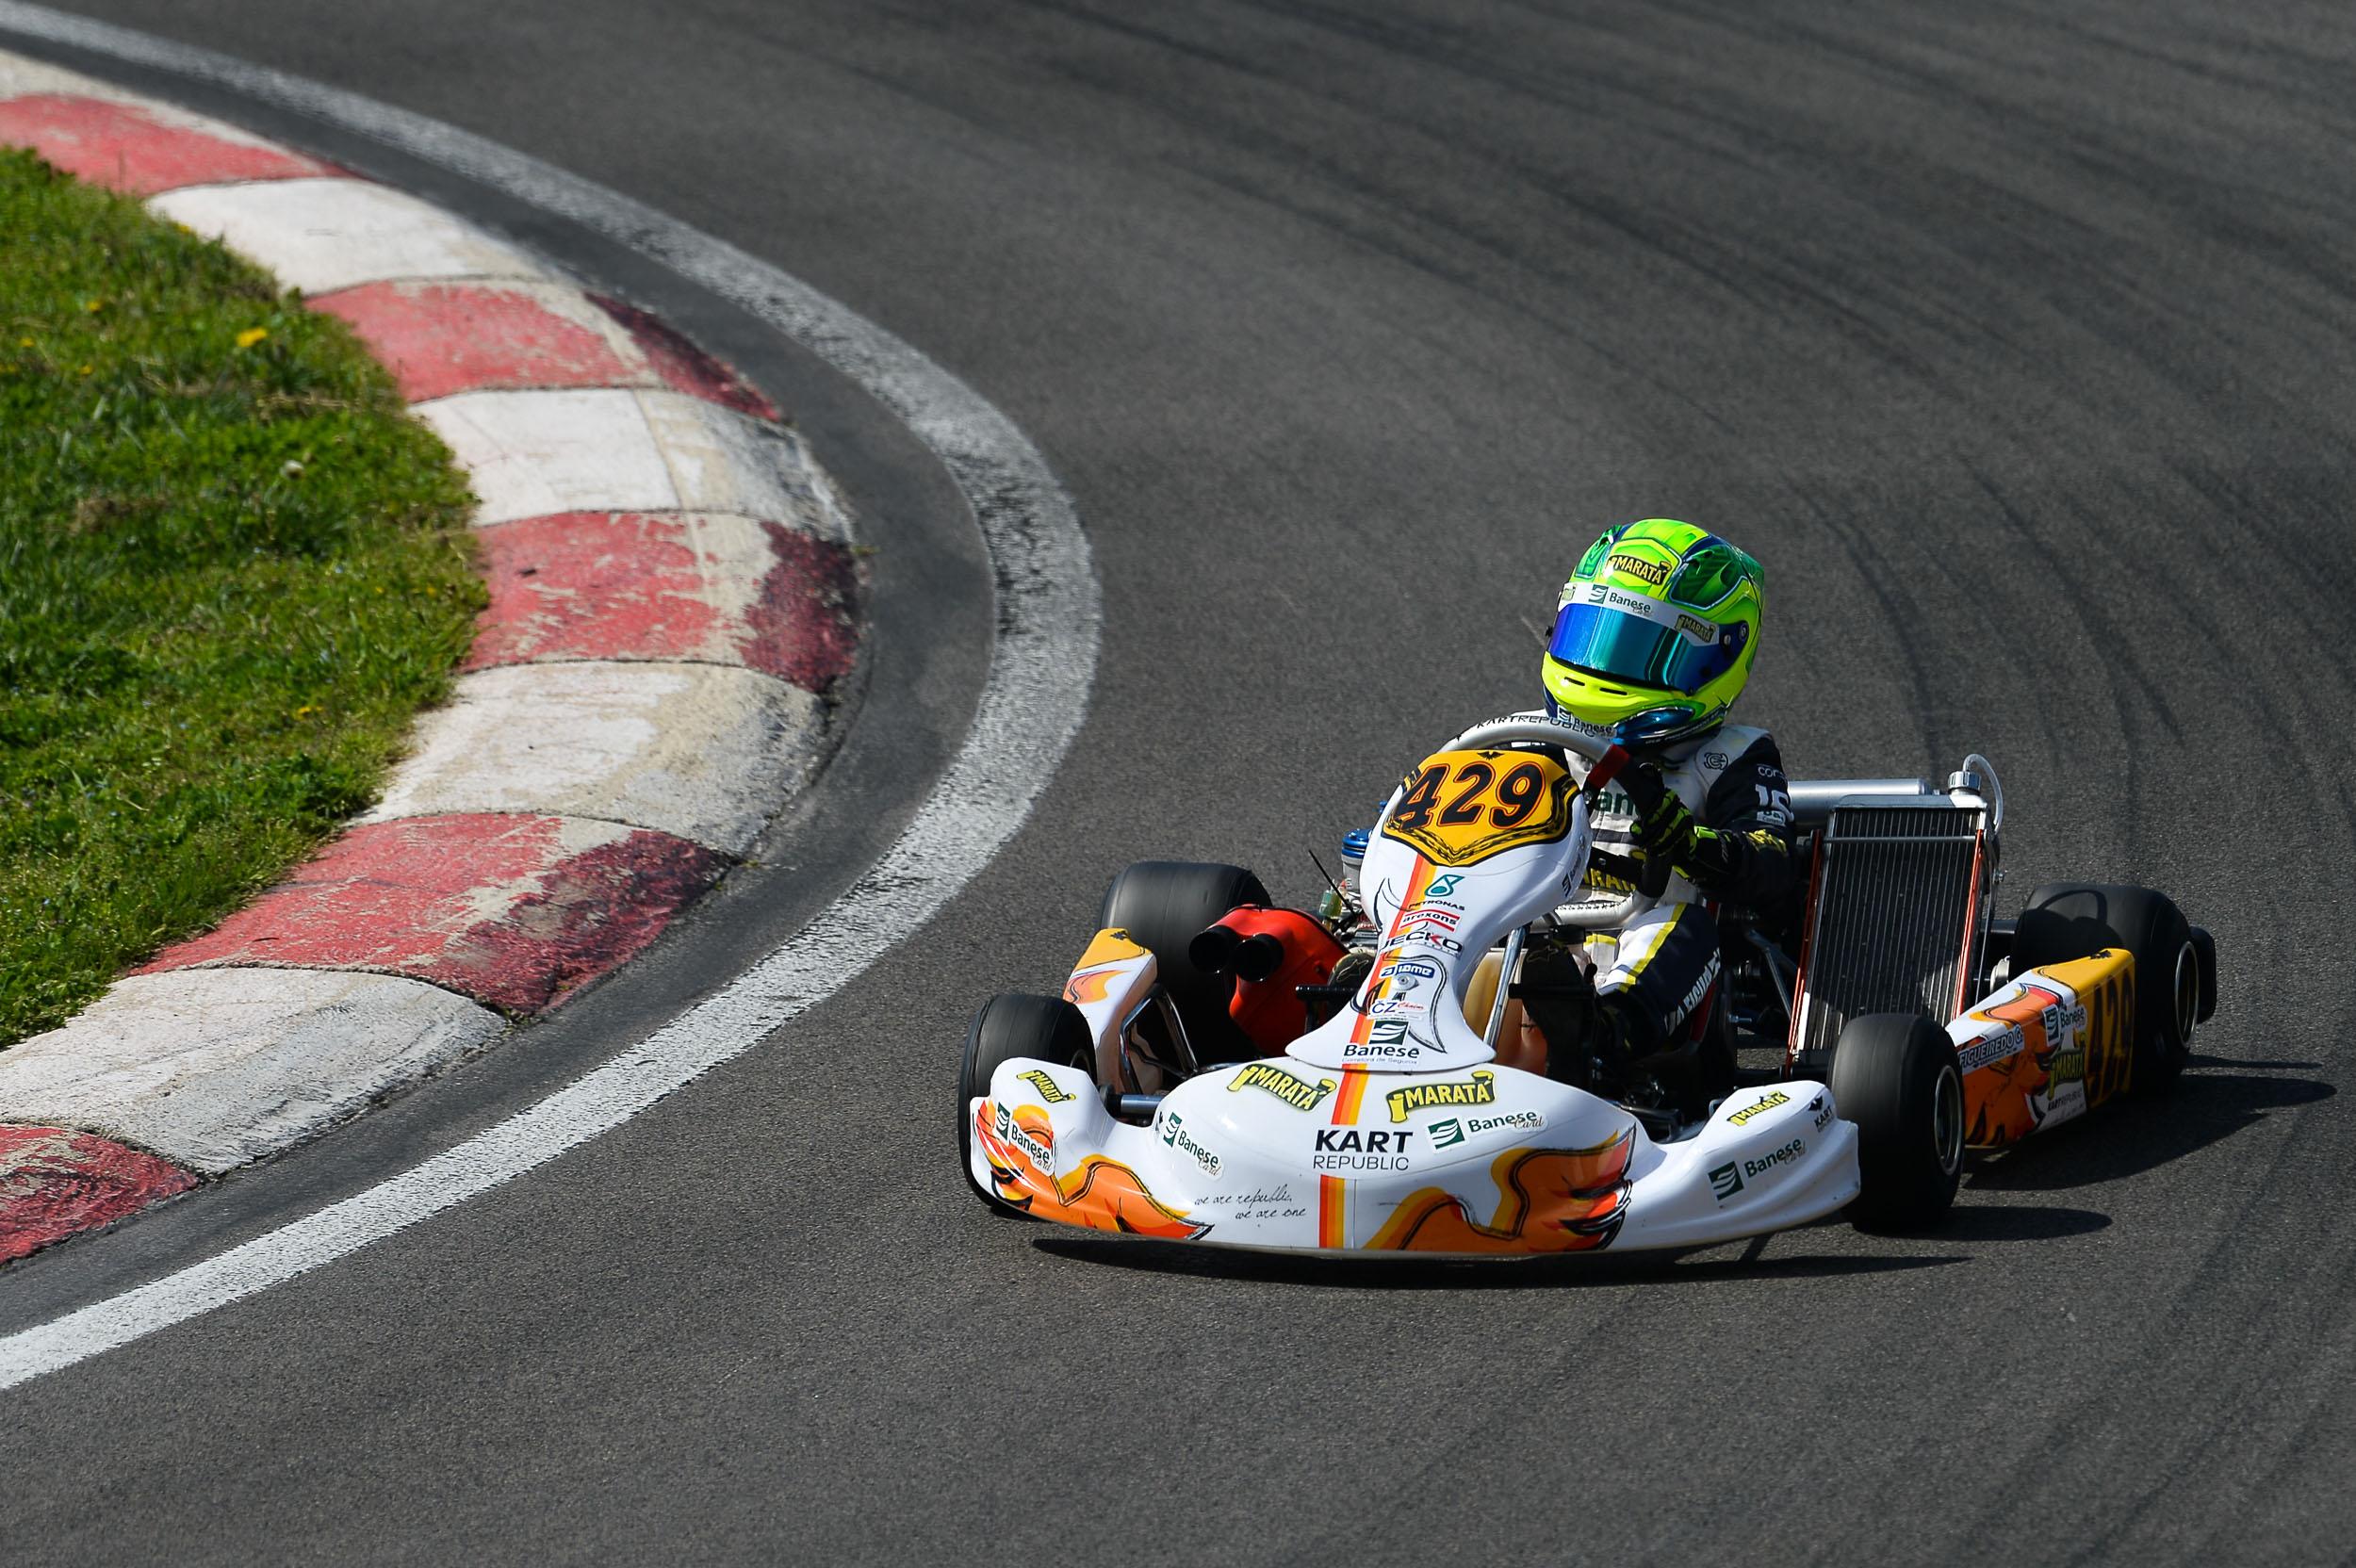 Photo of Kart – Em ascensão, Gui Figueiredo estreia no Campeonato Europeu de Kart neste final de semana, na Itália